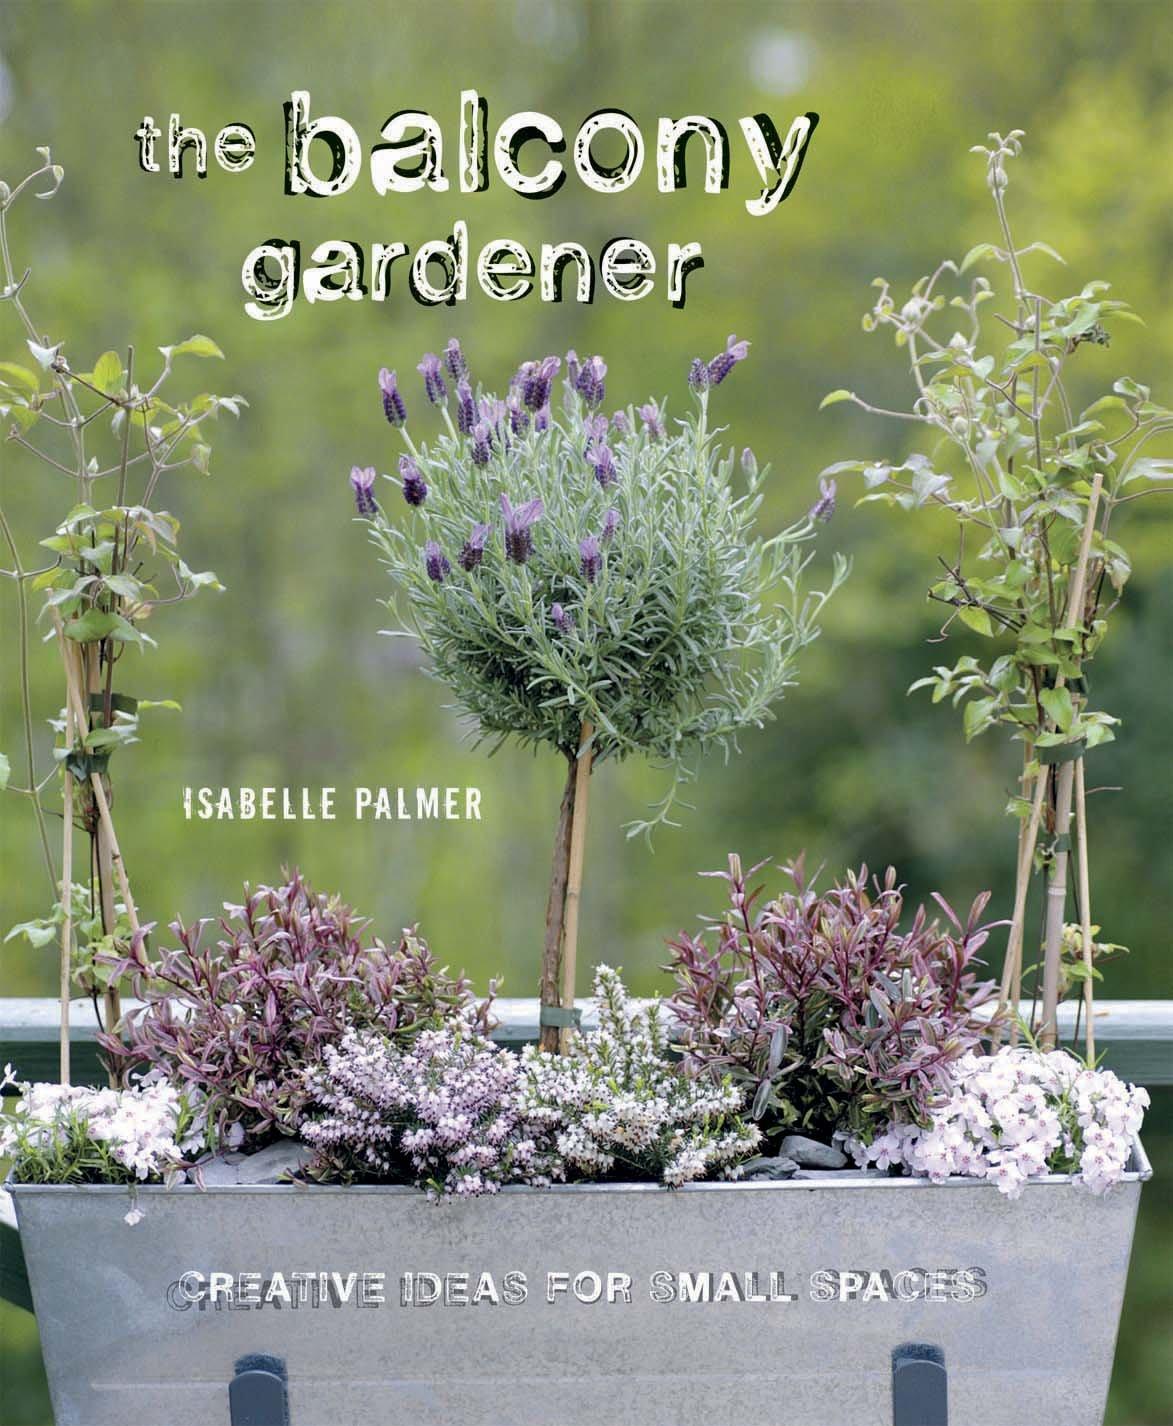 The Balcony Gardener ebook